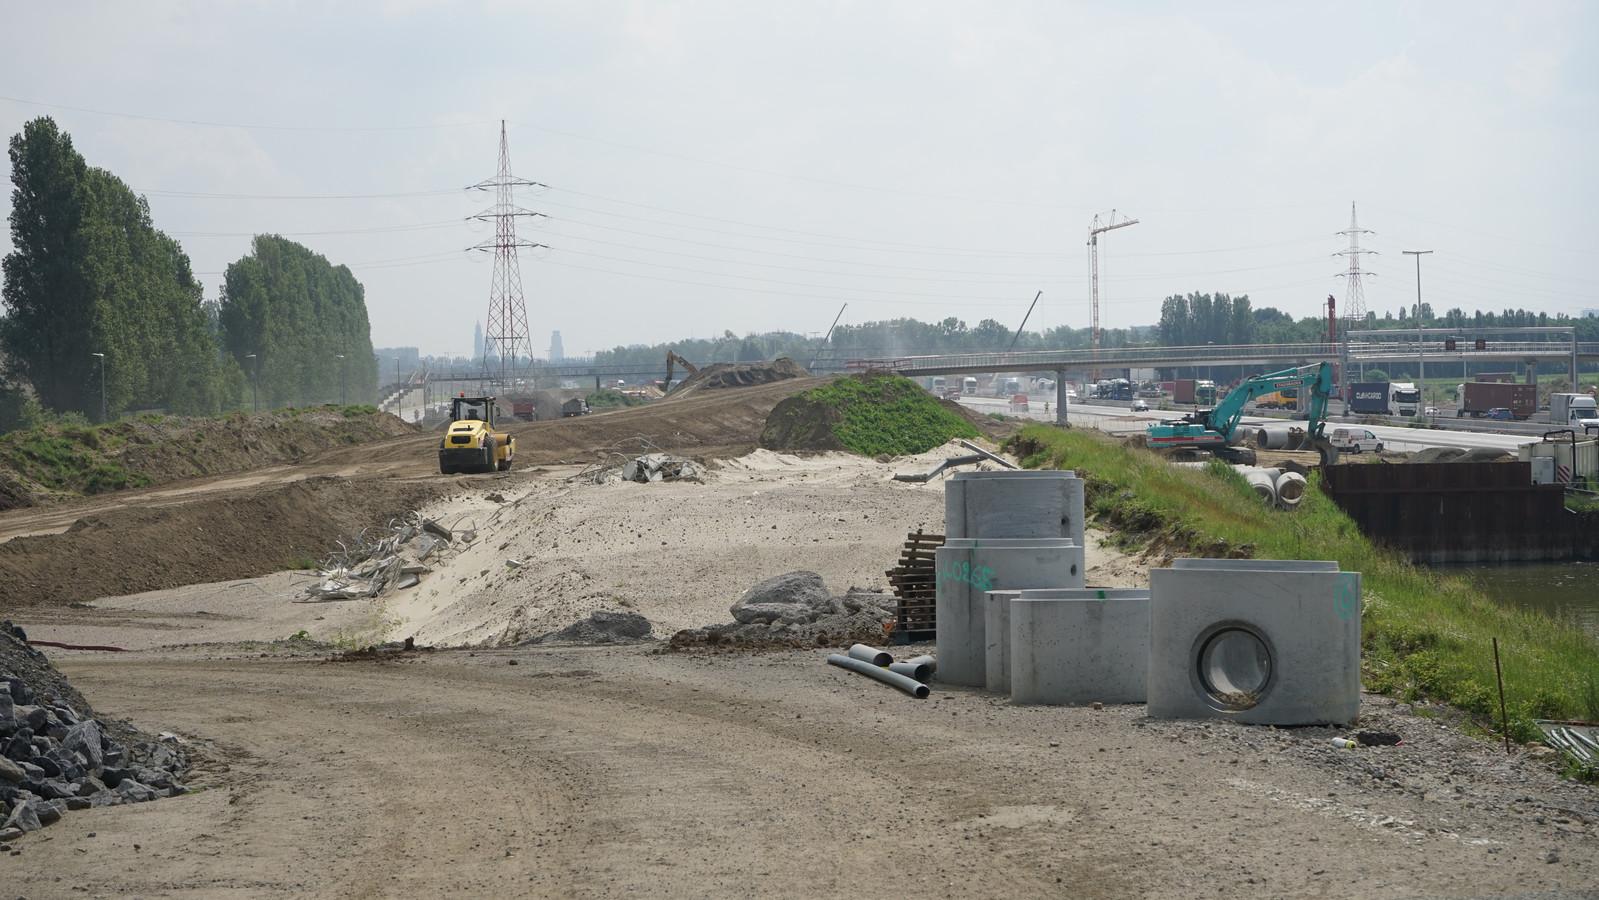 Op en rond de werken aan de Scheldetunnel voor de Oosterweelverbinding zijn sinds enkele maanden hoge concentraties PFOS vastgesteld. De chemische stof is nauwelijks afbreekbaar en mogelijk niet zonder gevaar voor de gezondheid.